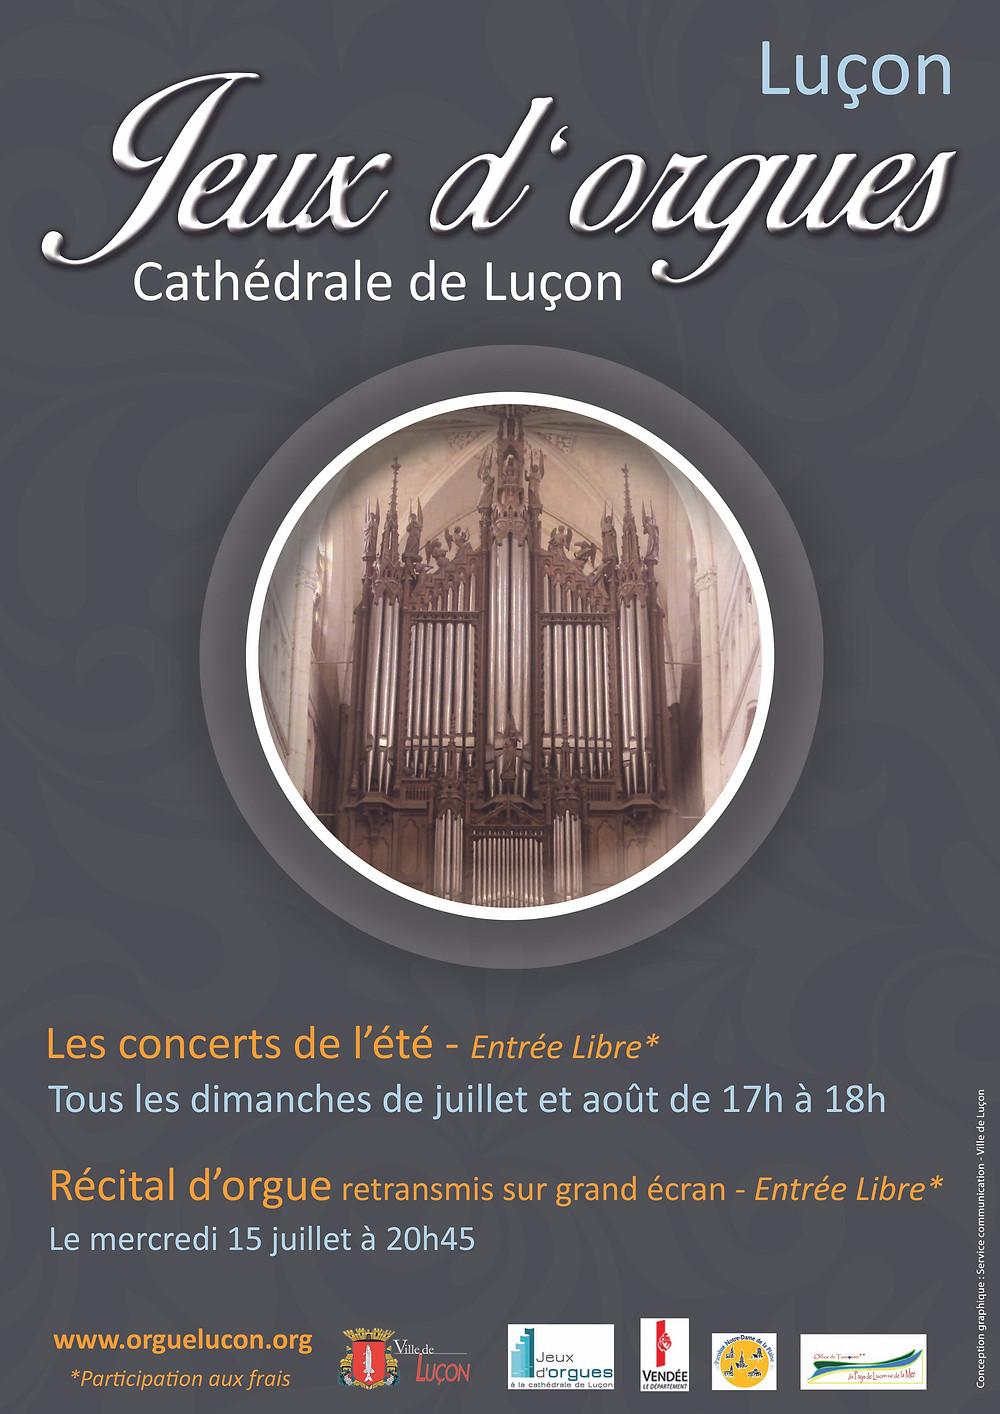 Affiche Jeux d'orgues 2015.jpg